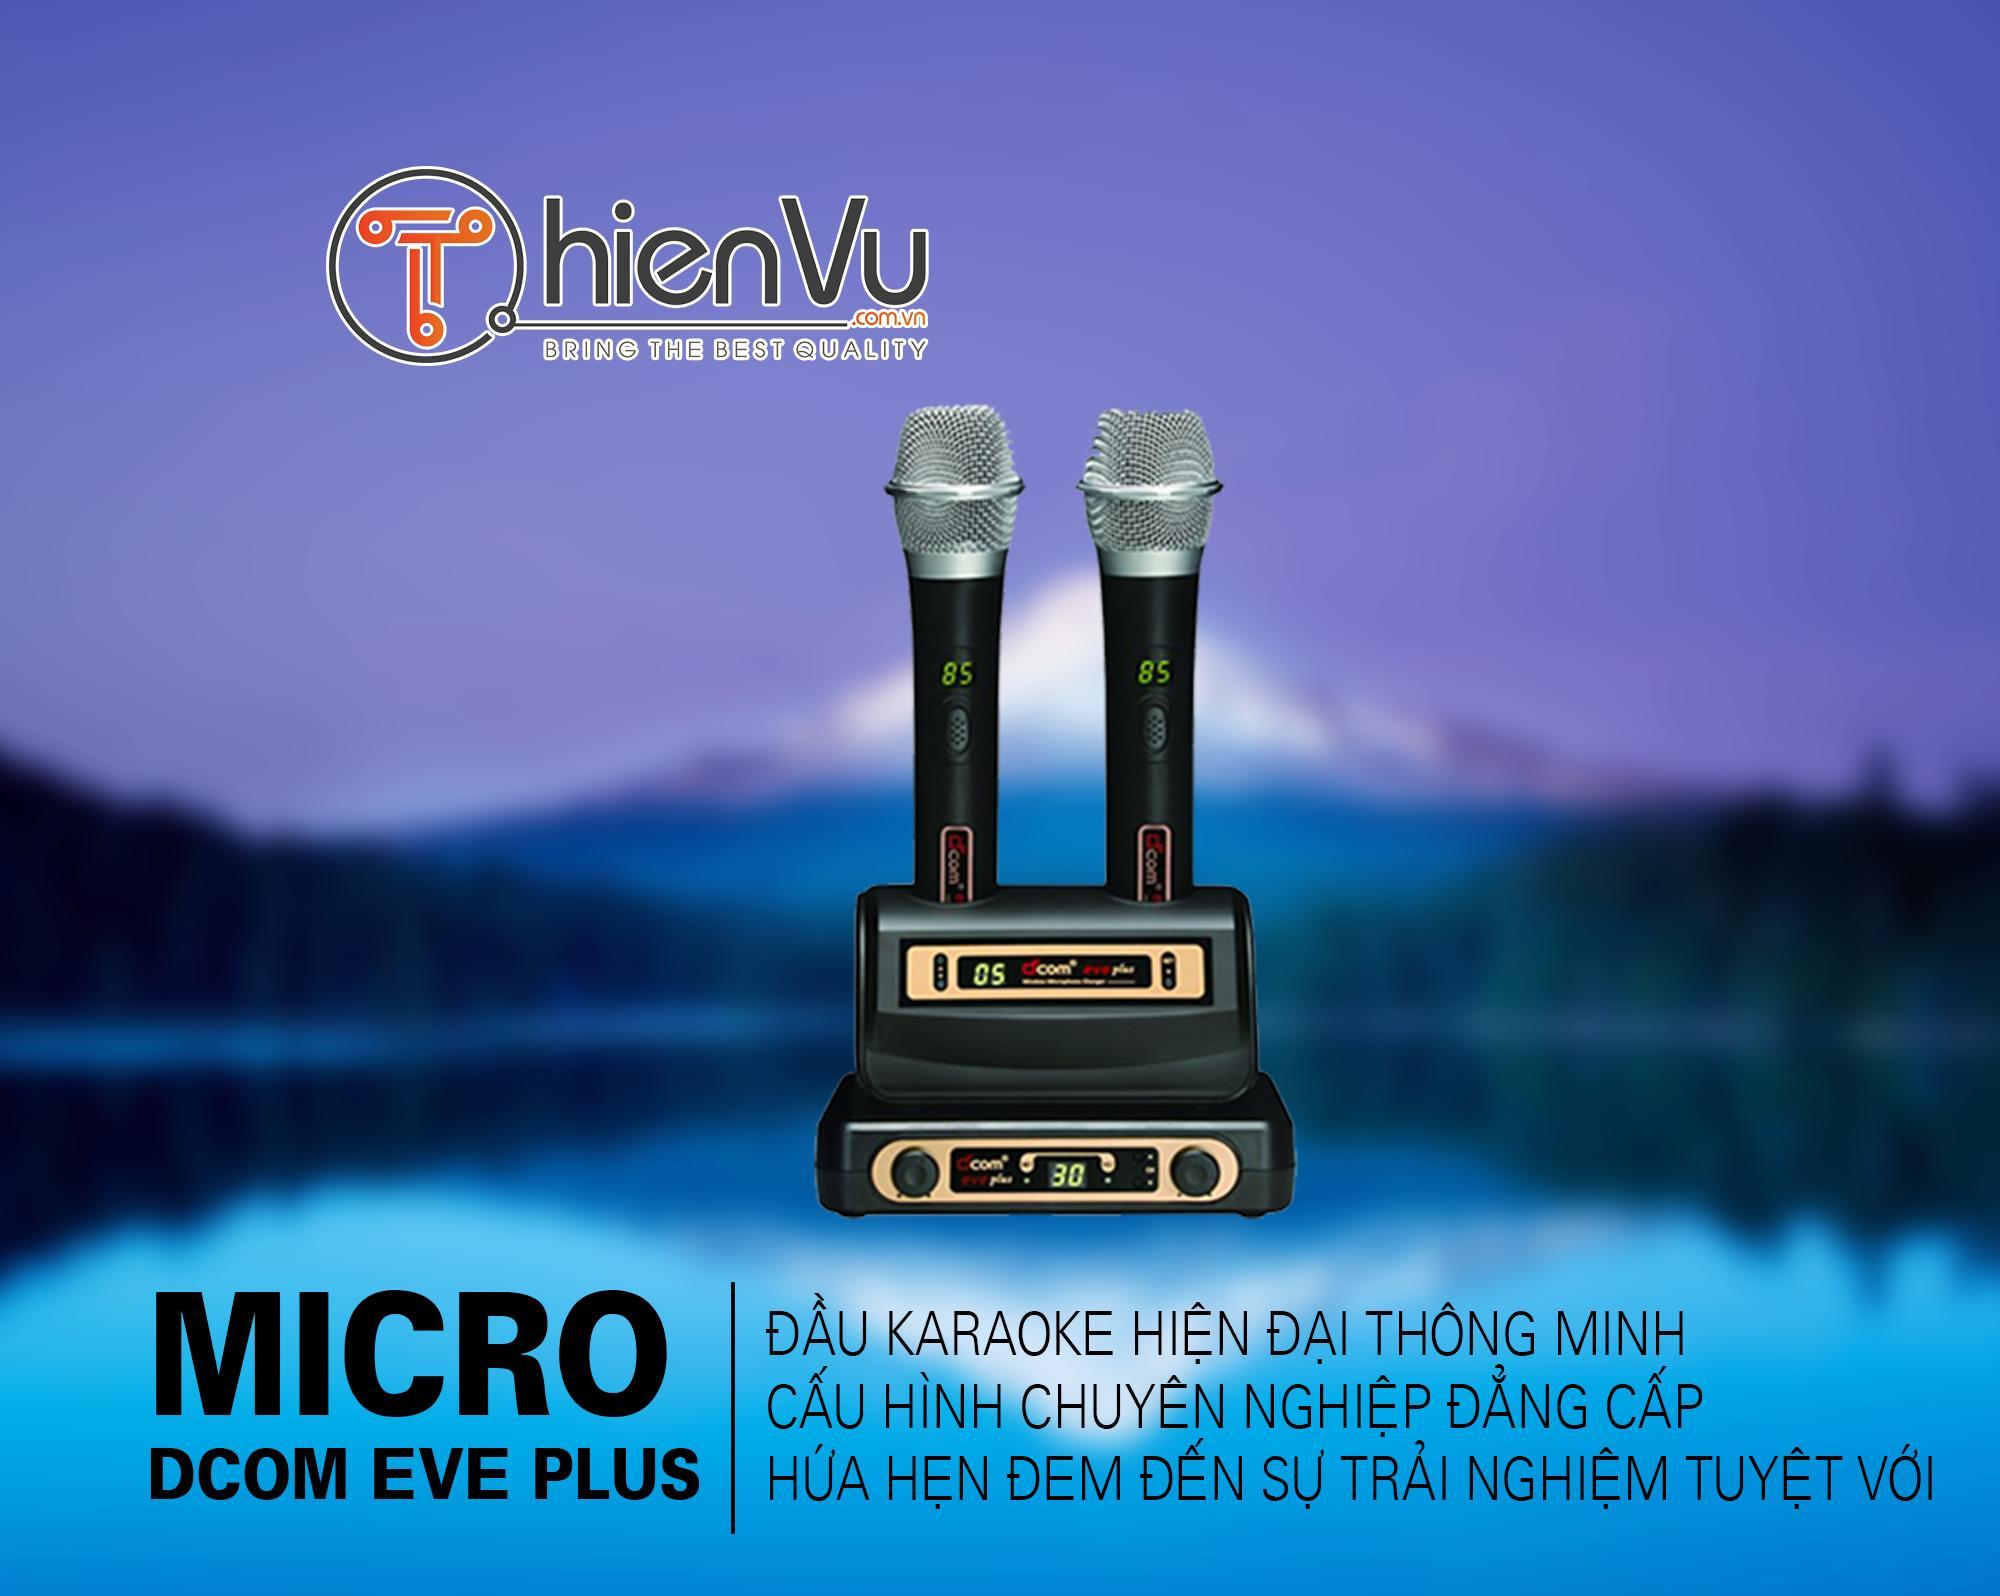 Micro Dcom Eve Plus cao cấp